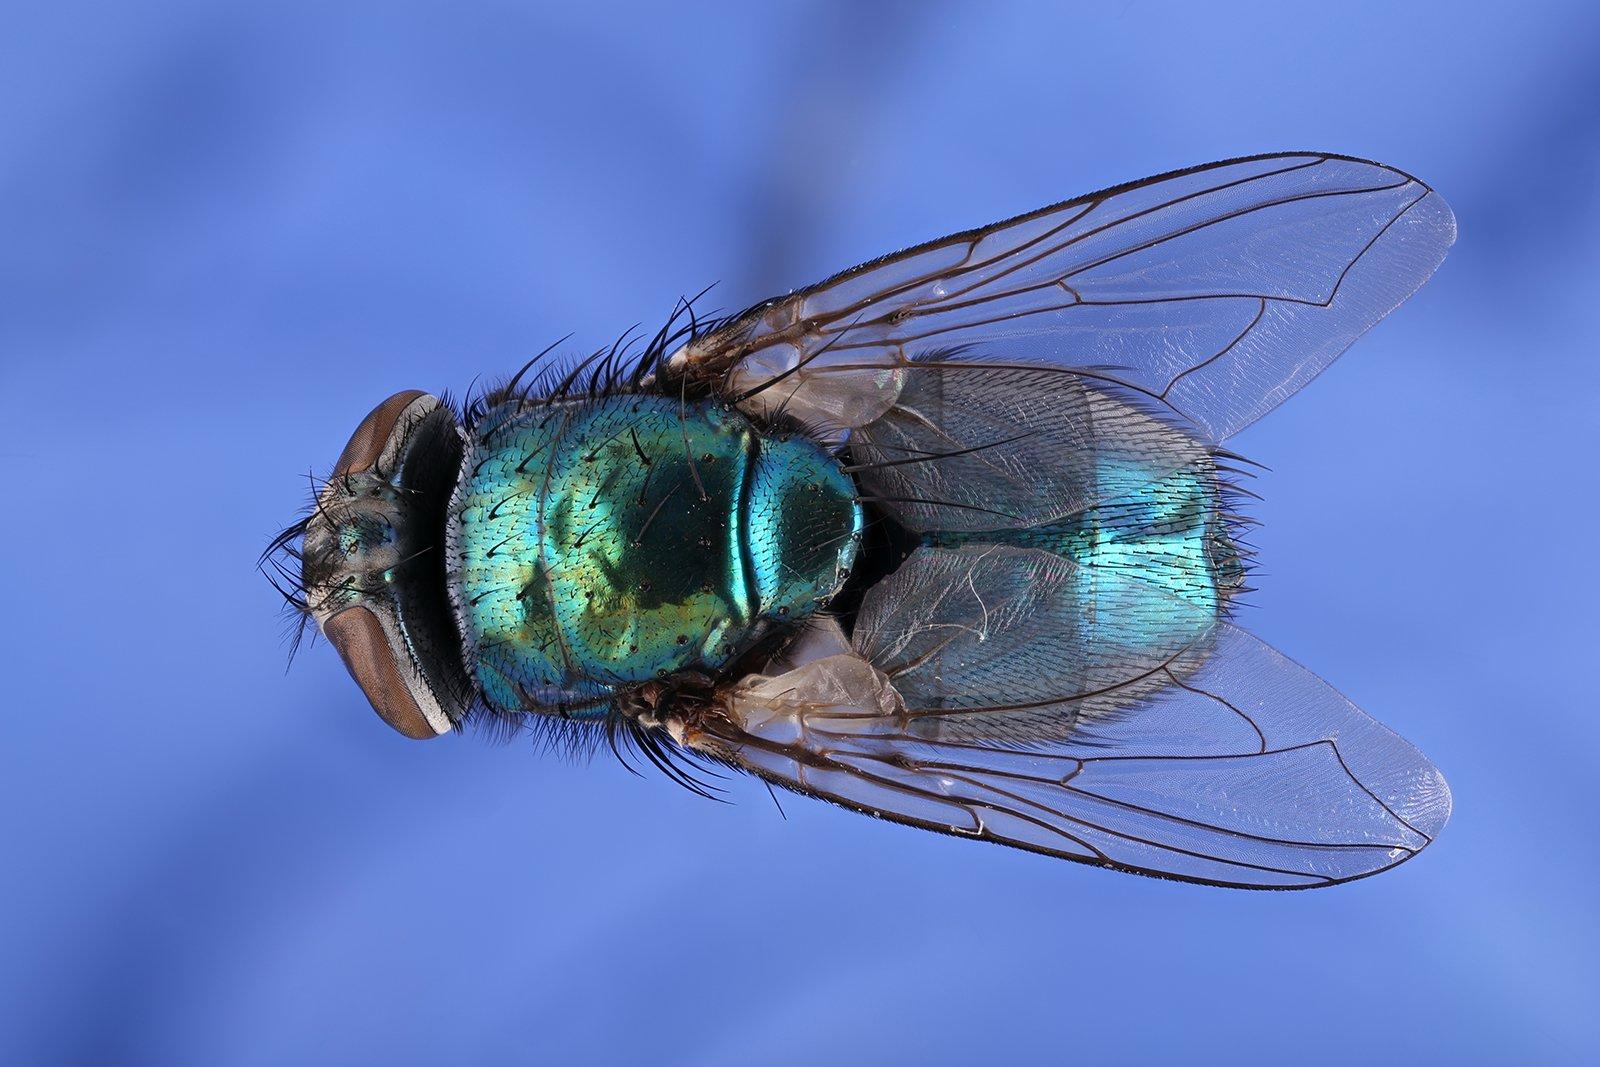 муха насекомое макро, Борис Фотомания